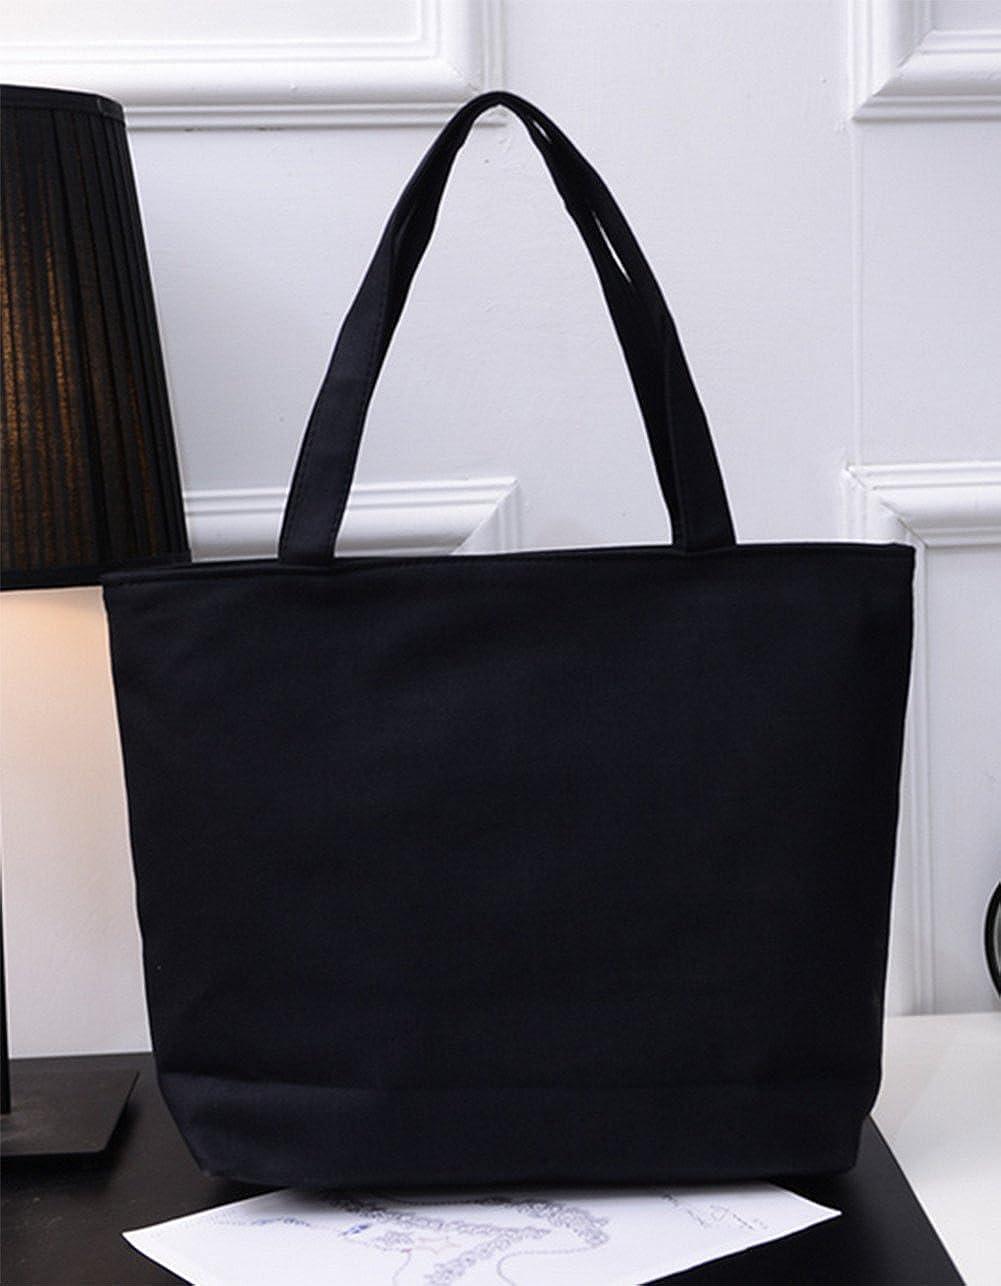 3ddc412b5a17 Amazon.com: Weimay Canvas Tote Bag Shoulder Handbag Simple Student ...